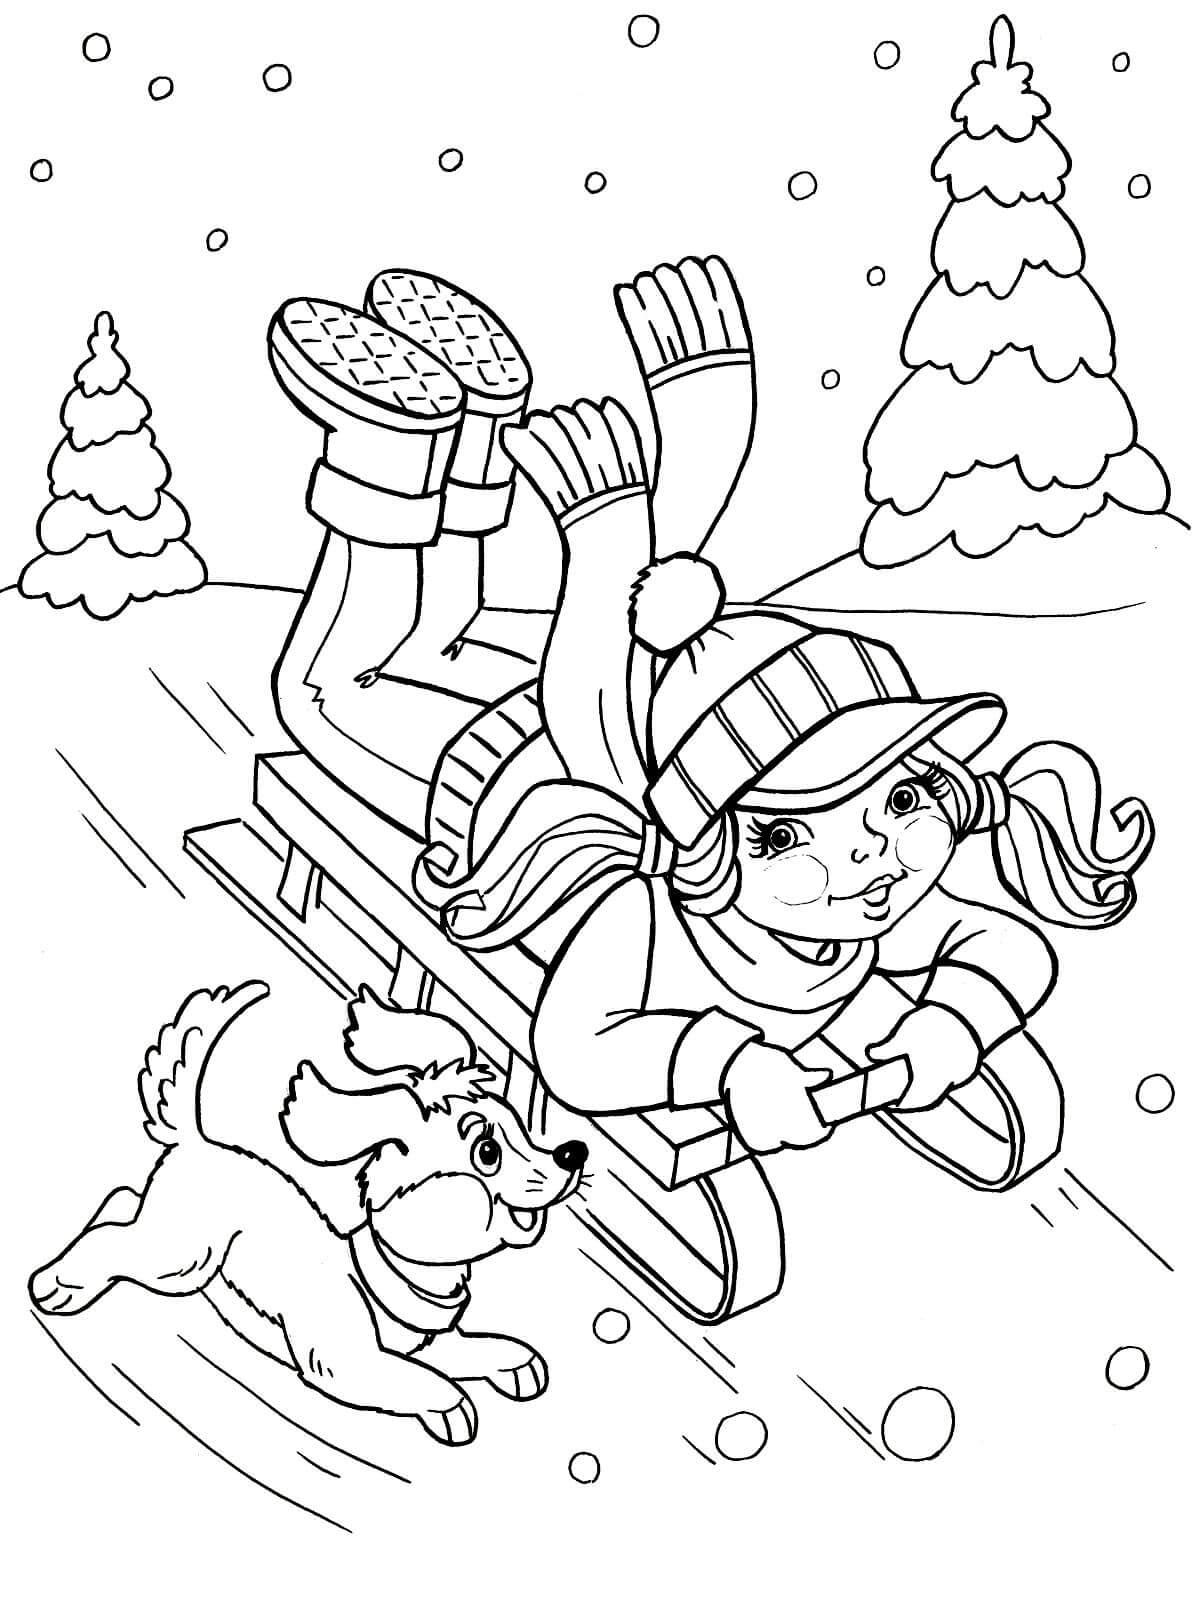 Раскраска Девочка с собачкой на санках